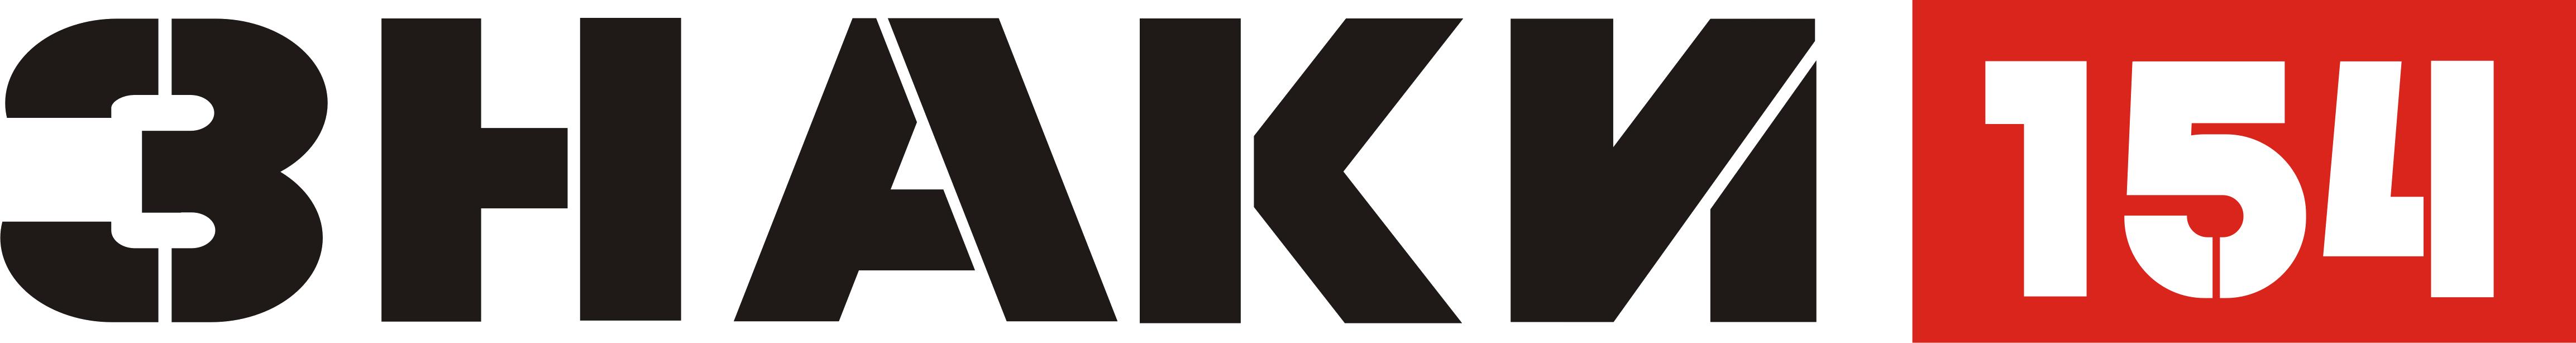 https://znaki154.ru/img/logo-header.png